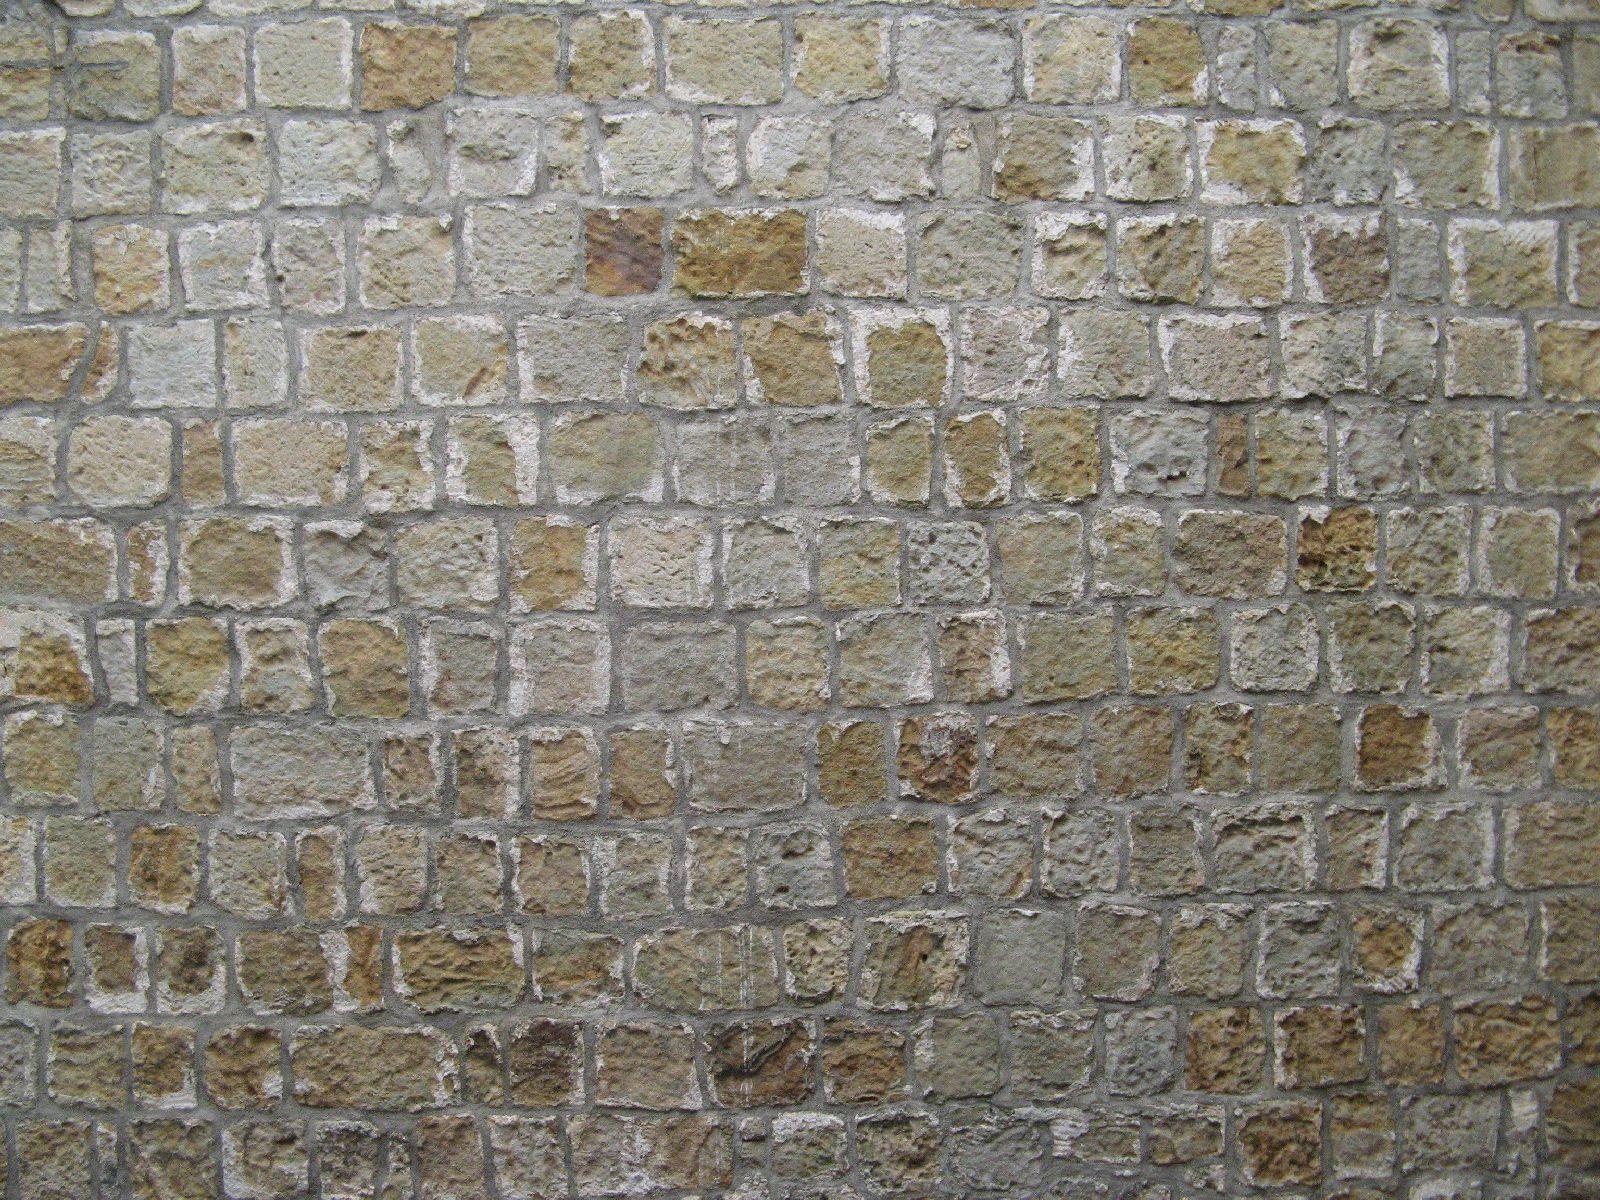 Wand-Steinbloecke-Quader_Textur_B_3714